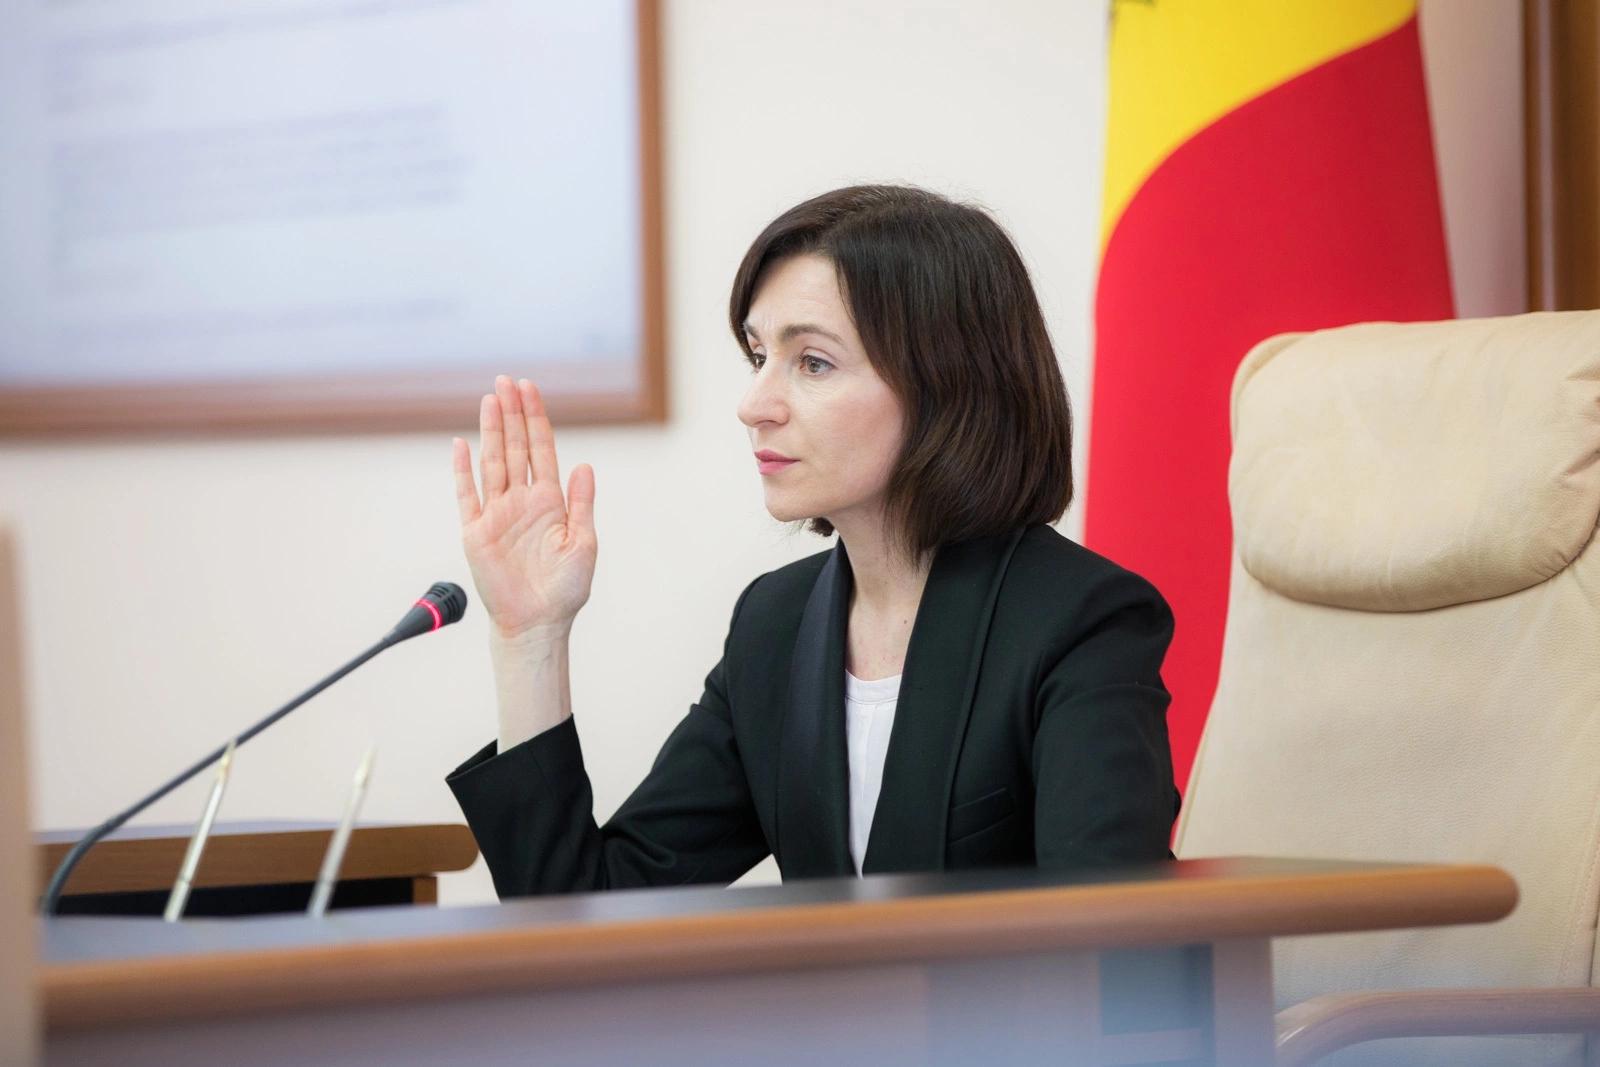 Discursul prim-ministrului Maia Sandu din cadrul ședinței Guvernului din 6 noiembrie 2019